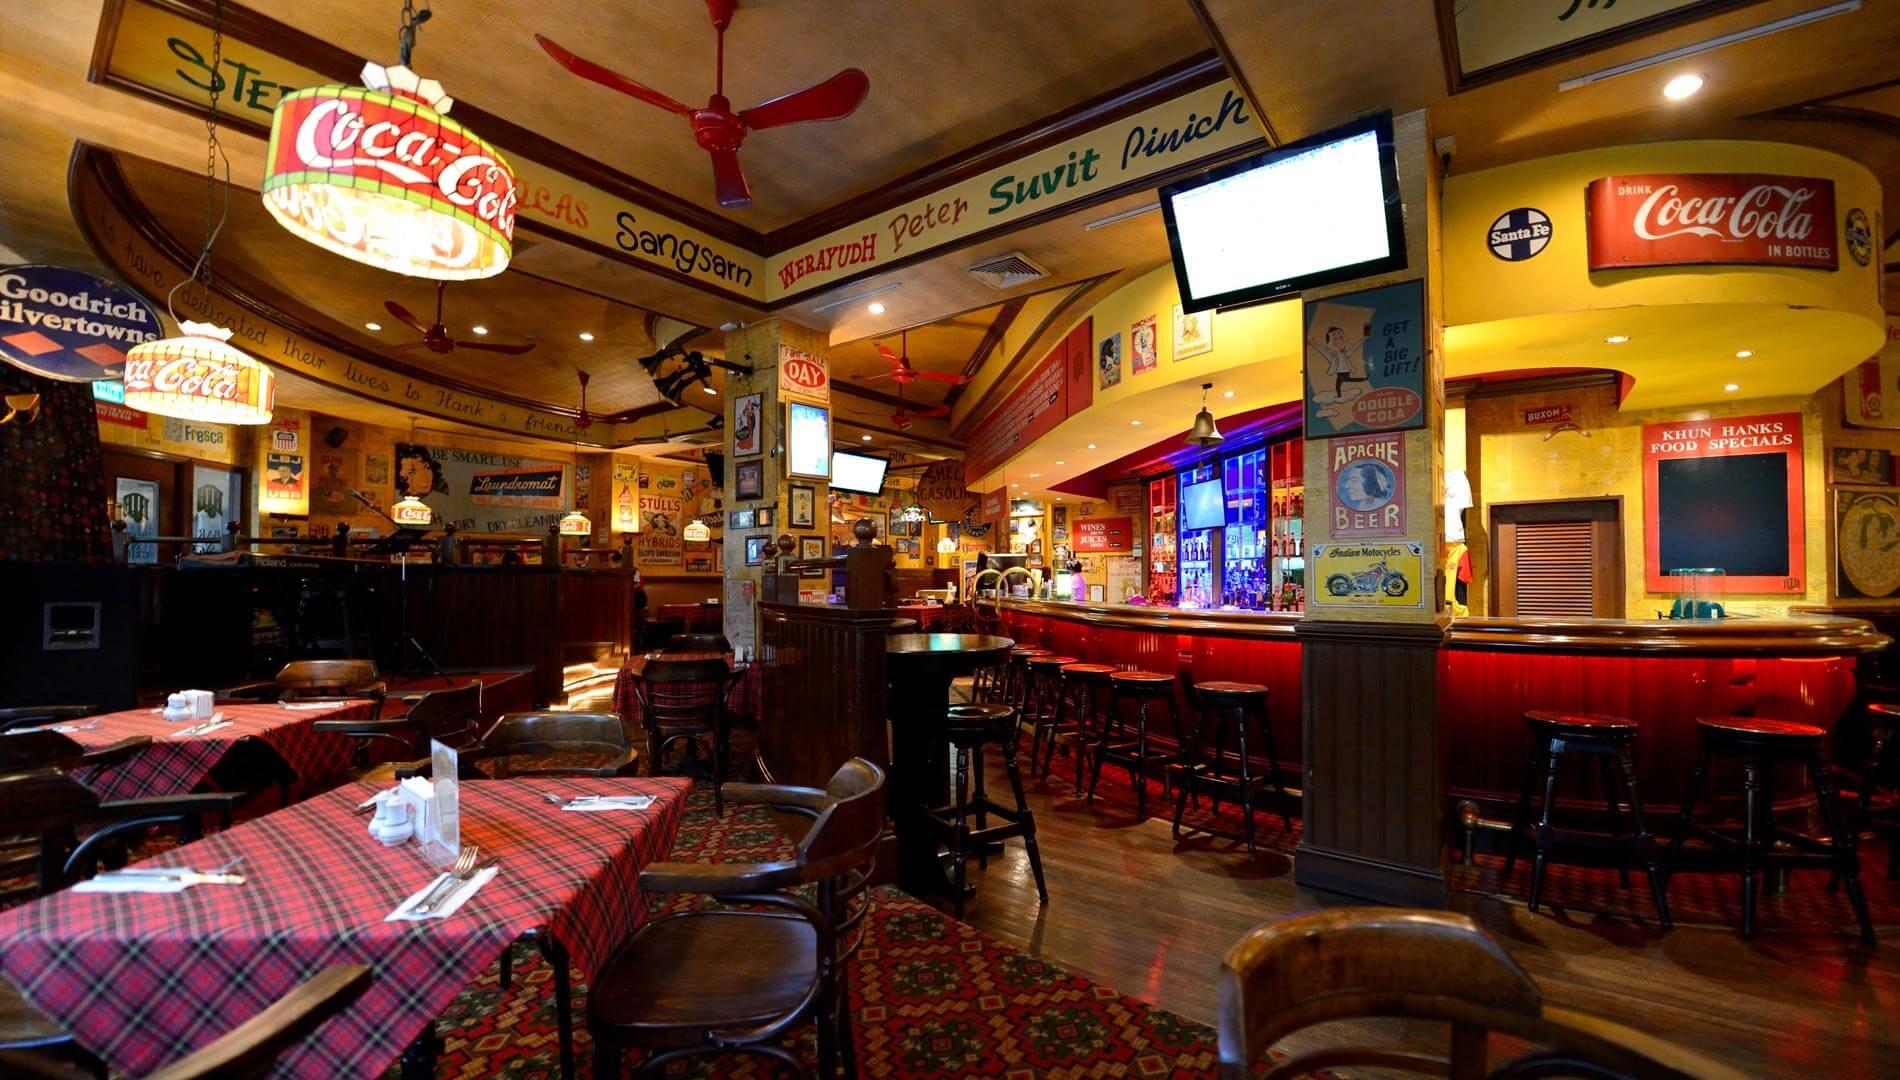 พลาดไม่ได้กับ 7 เมนูแนะนำ ที่ร้านอาหาร Henry J. Beans ในย่านดอนเมือง